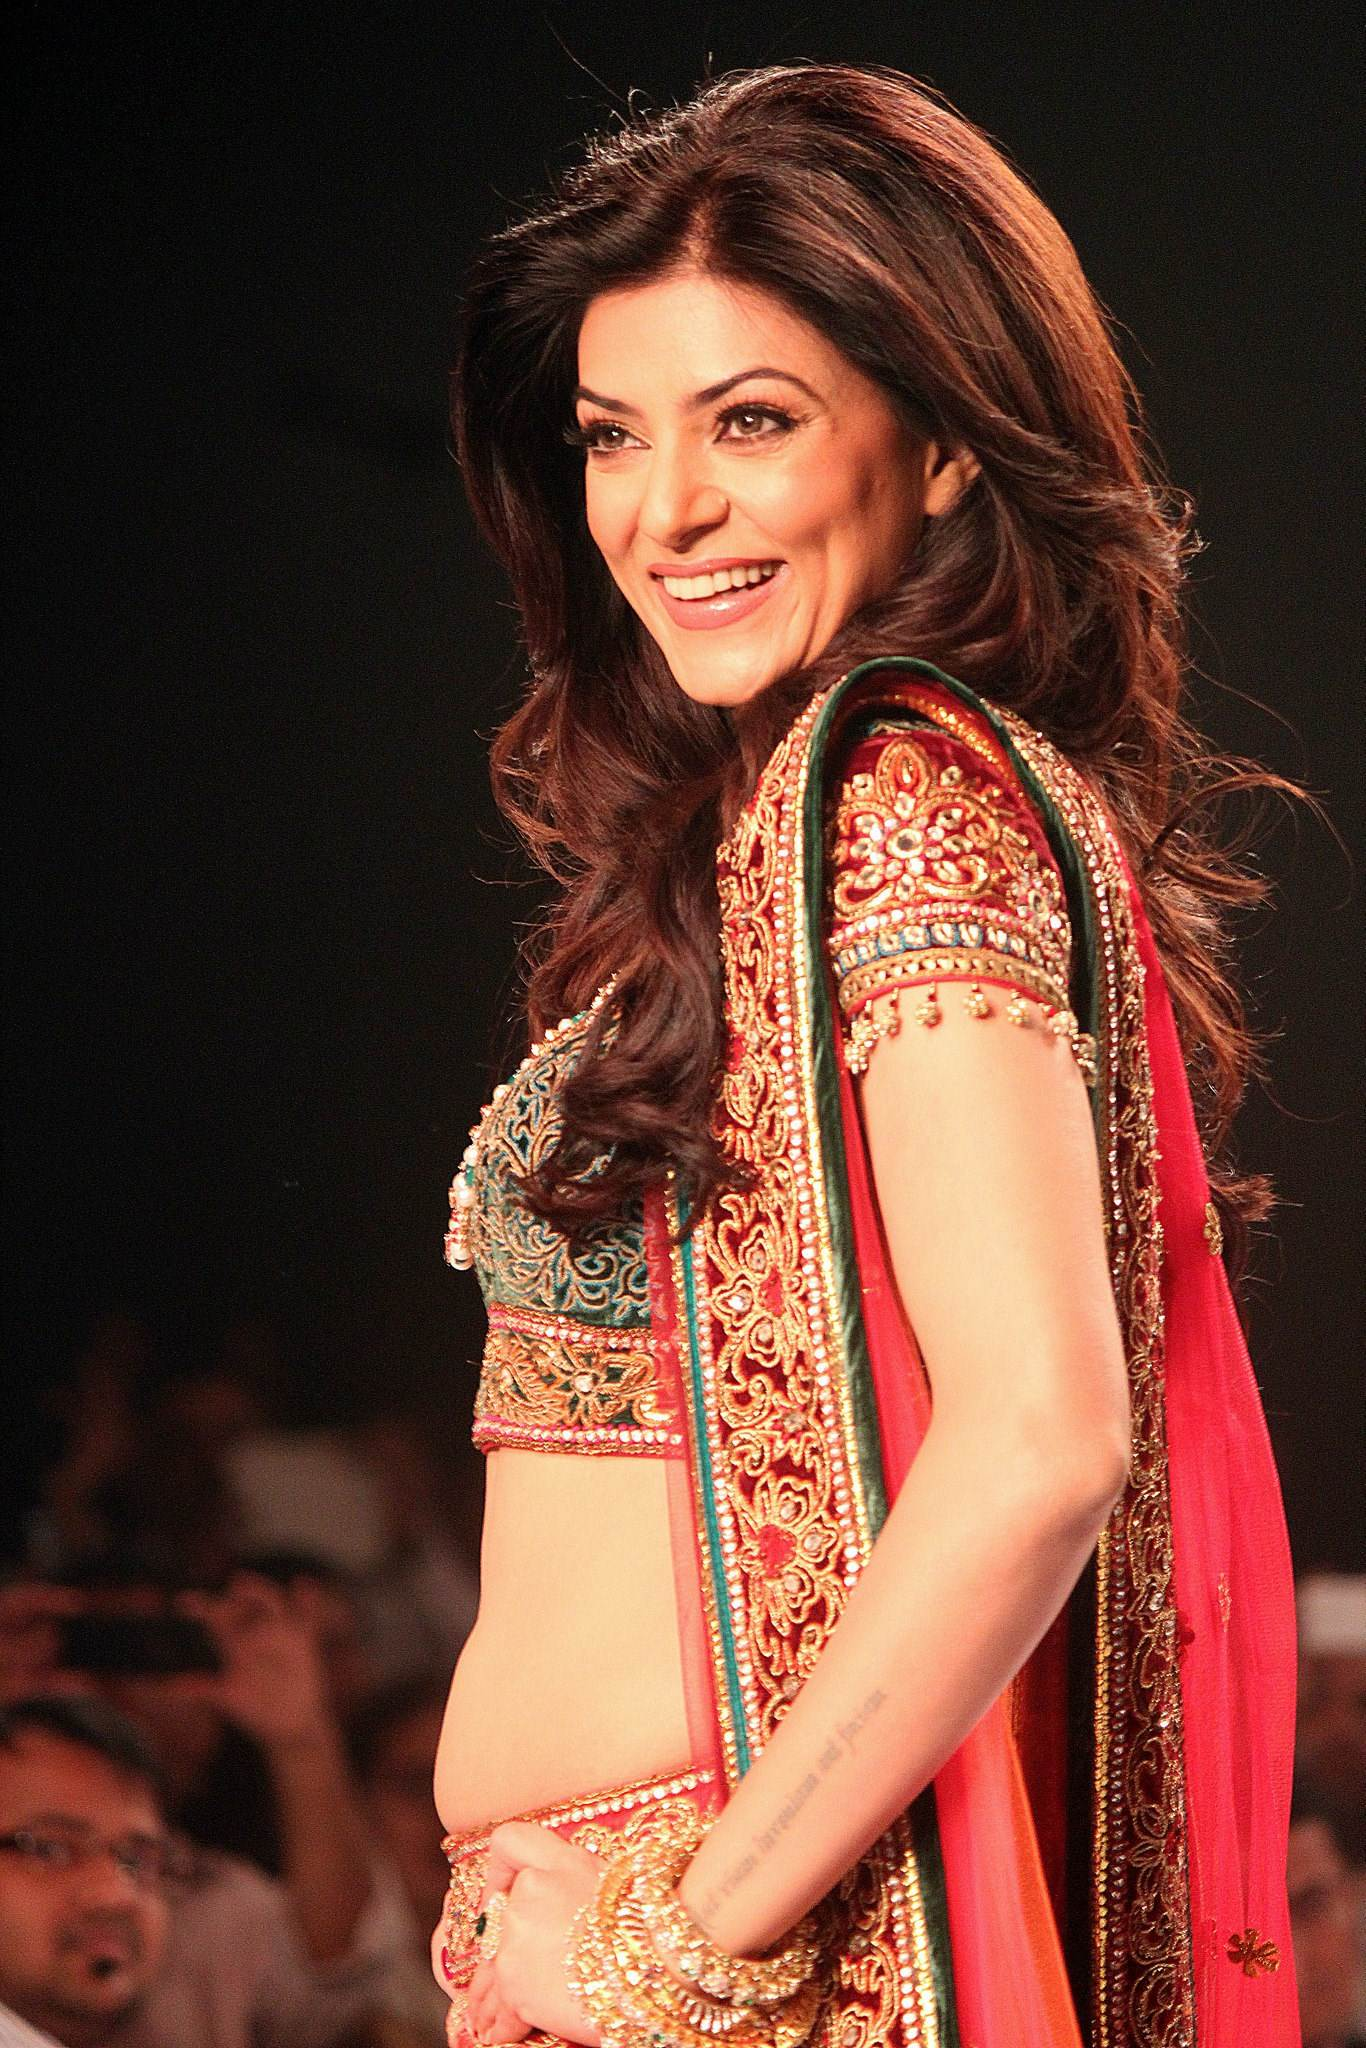 ответил, самые красивые индийские актрисы фото с именами холмс был